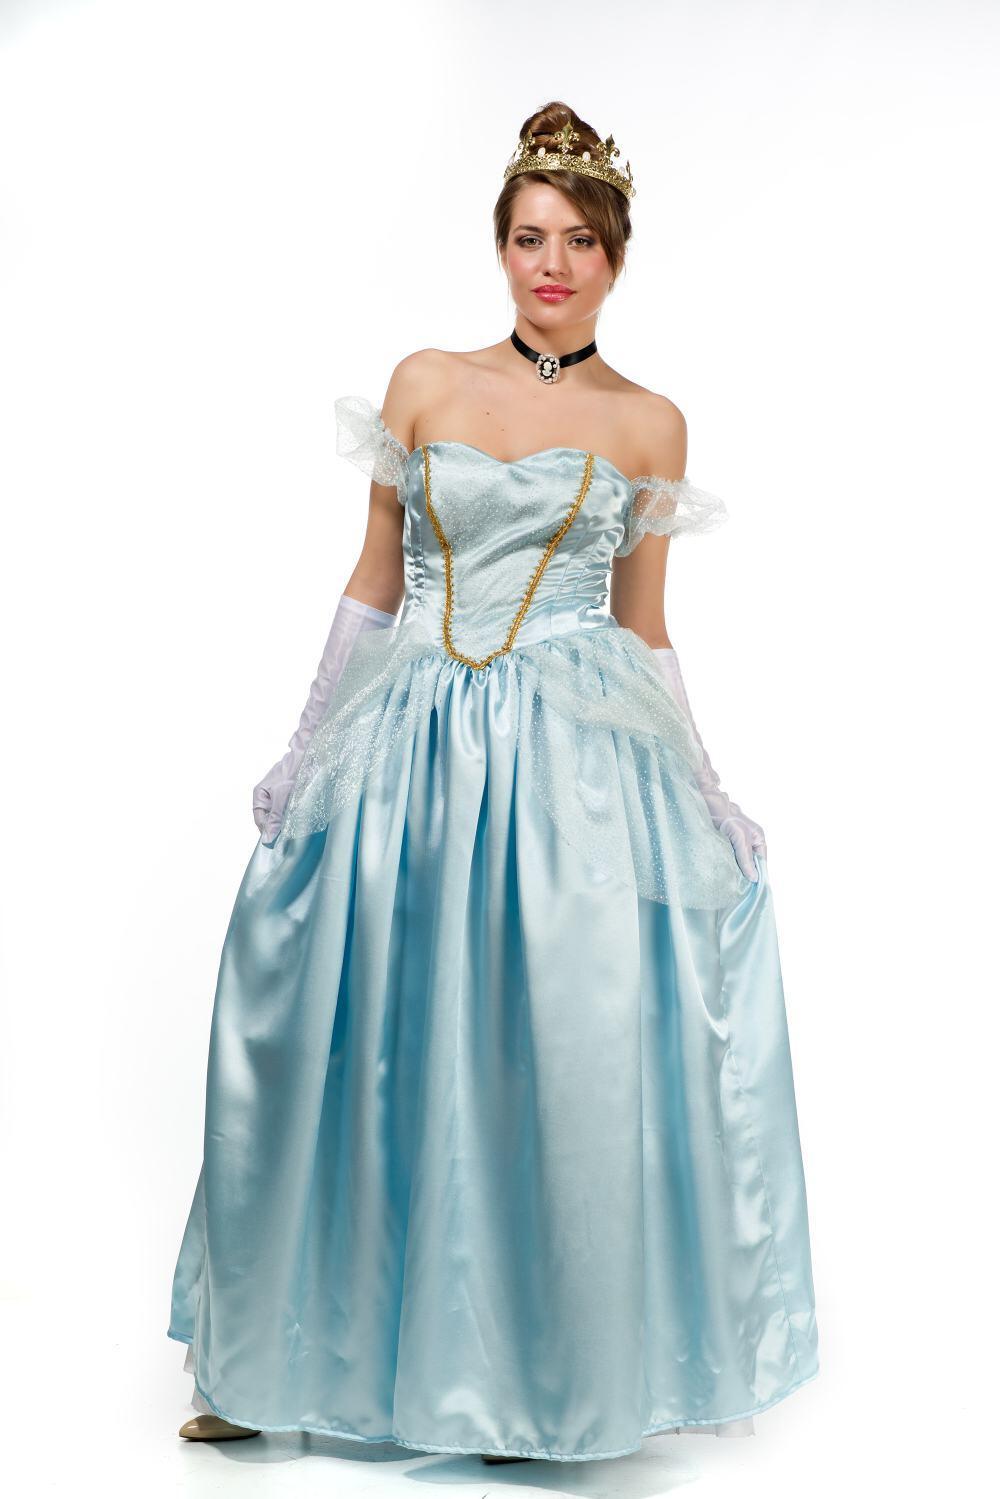 Karneval Damen Kostum Mitternachts Prinzessin Faschingskram